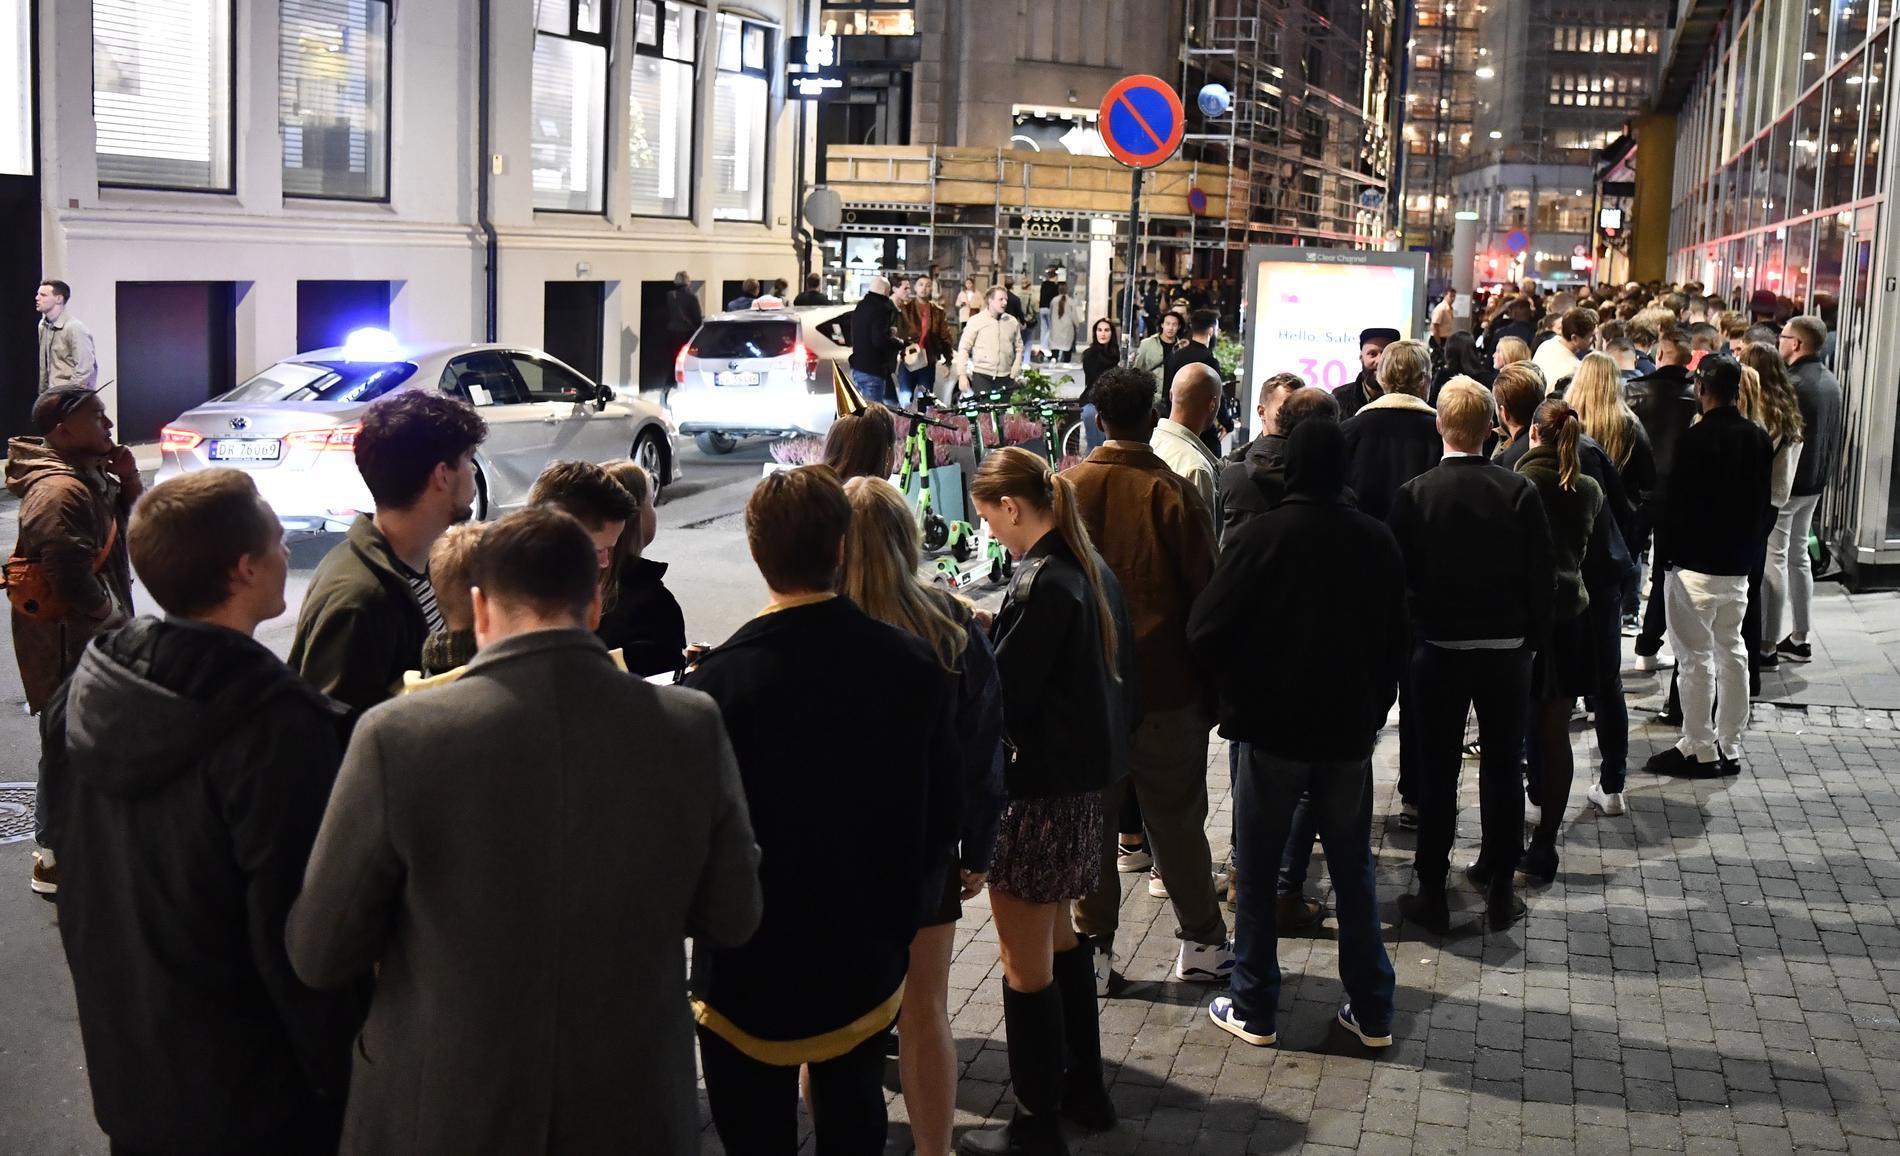 Första festkvällen efter pandemin: Kö till en nattklubb på Storgata i Oslo.